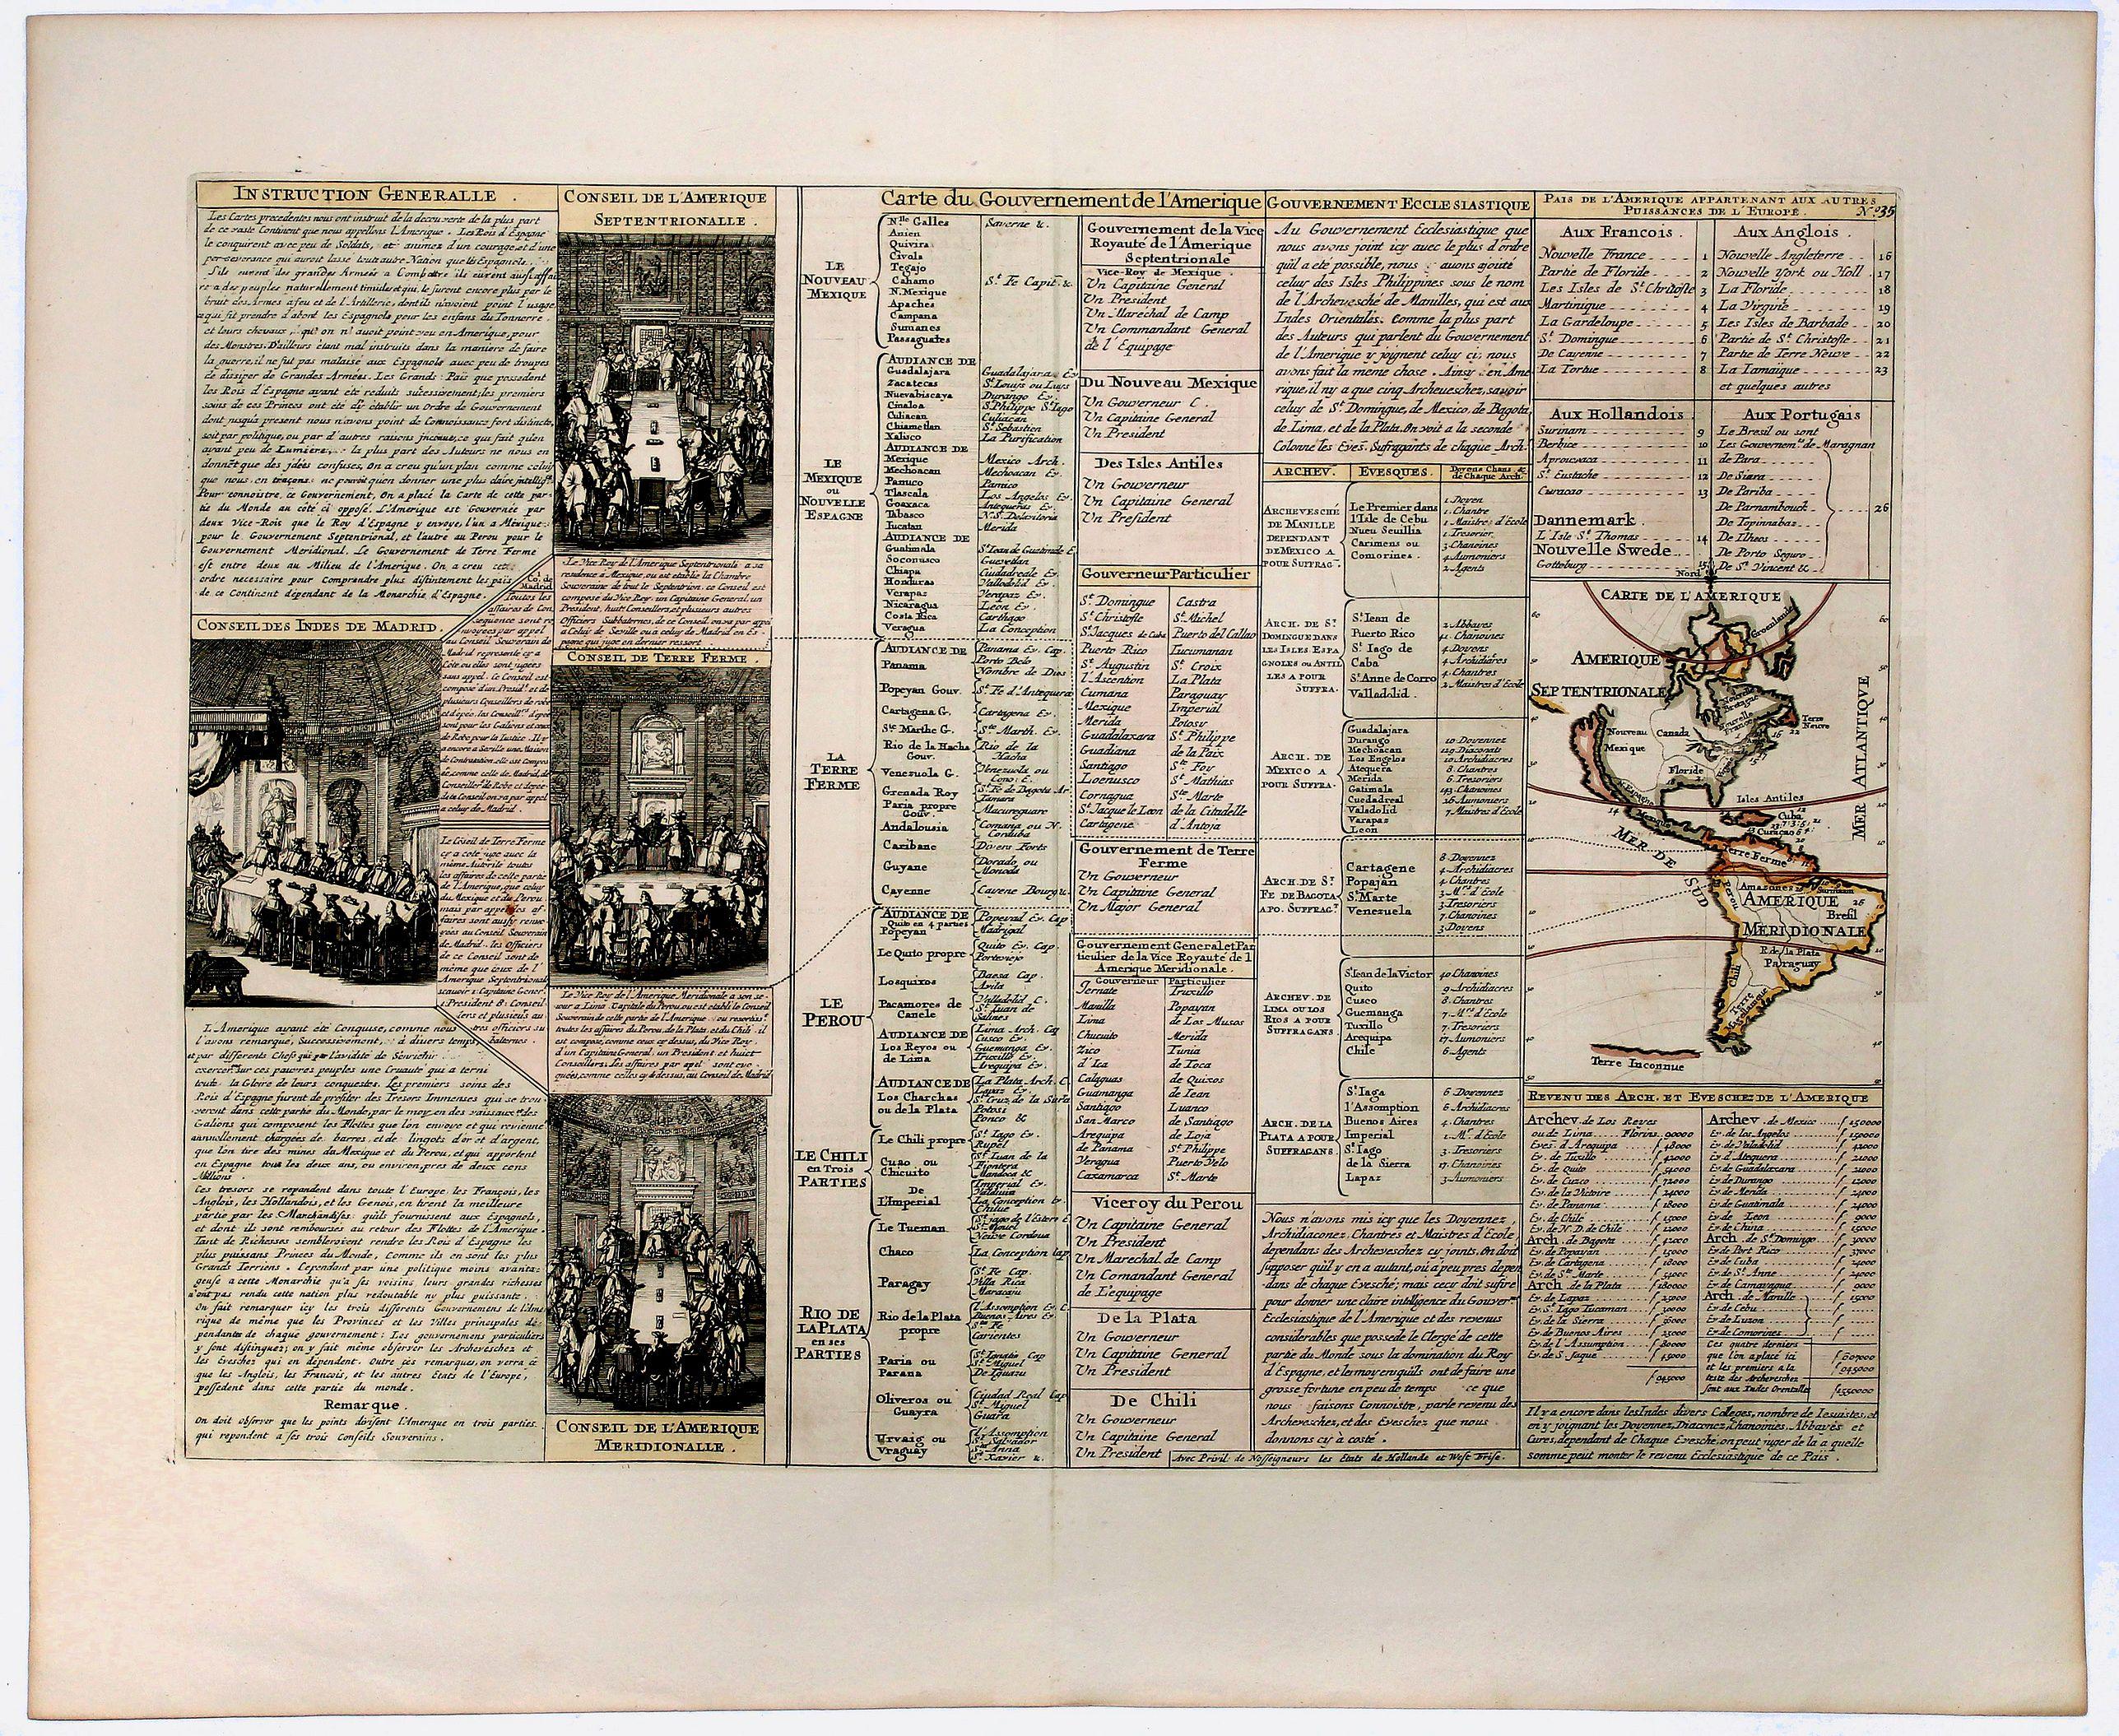 CHATELAIN, H. - Carte du Gouvernement de l' Amerique [California Island].